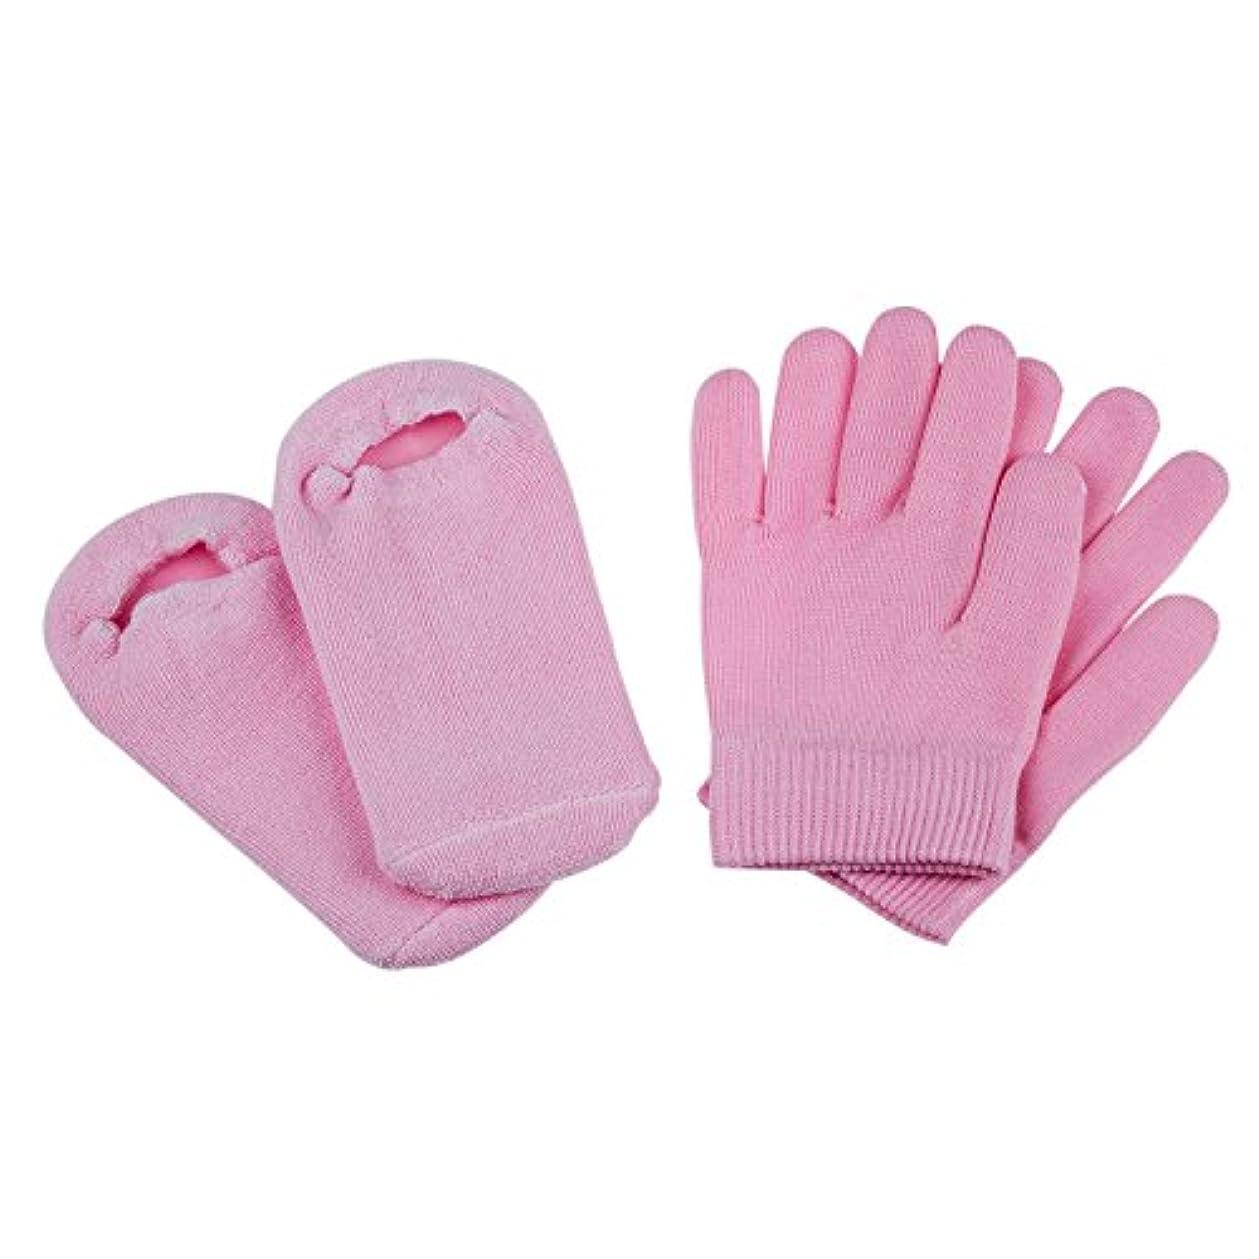 考古学者スタウト医薬ACAMPTAR ビューティーSPAソックスと手袋 モイスチャライジングジェルセラピースキンケア ピンク色